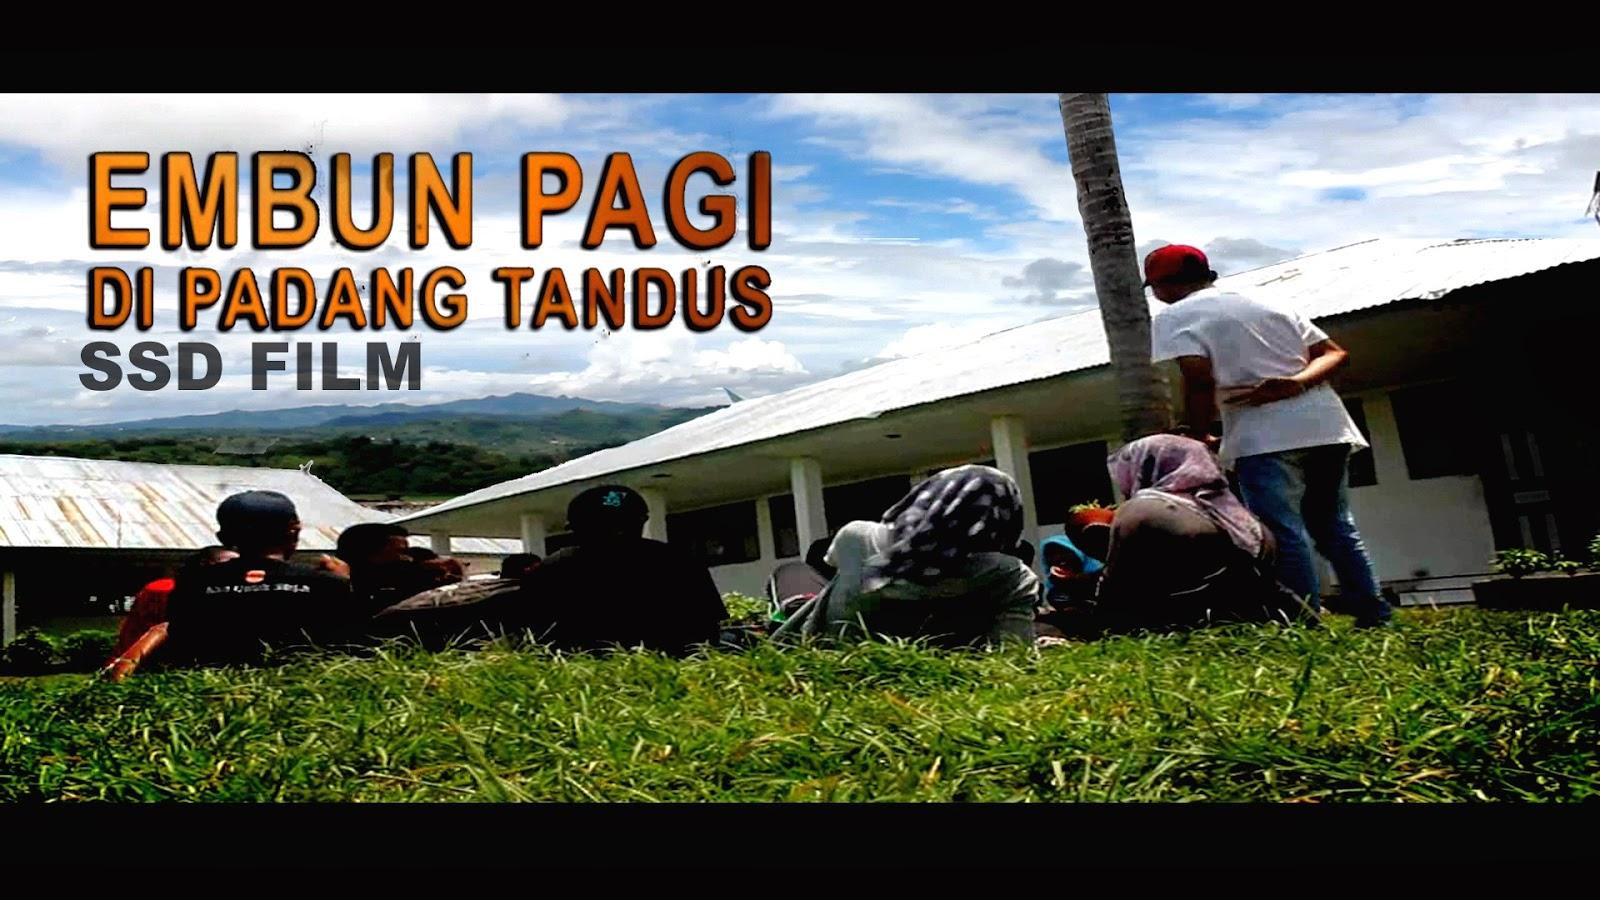 EMBUN PAGI DI PADANG TANDUS (Trailer) SSD Film jeneponto film, film makassar